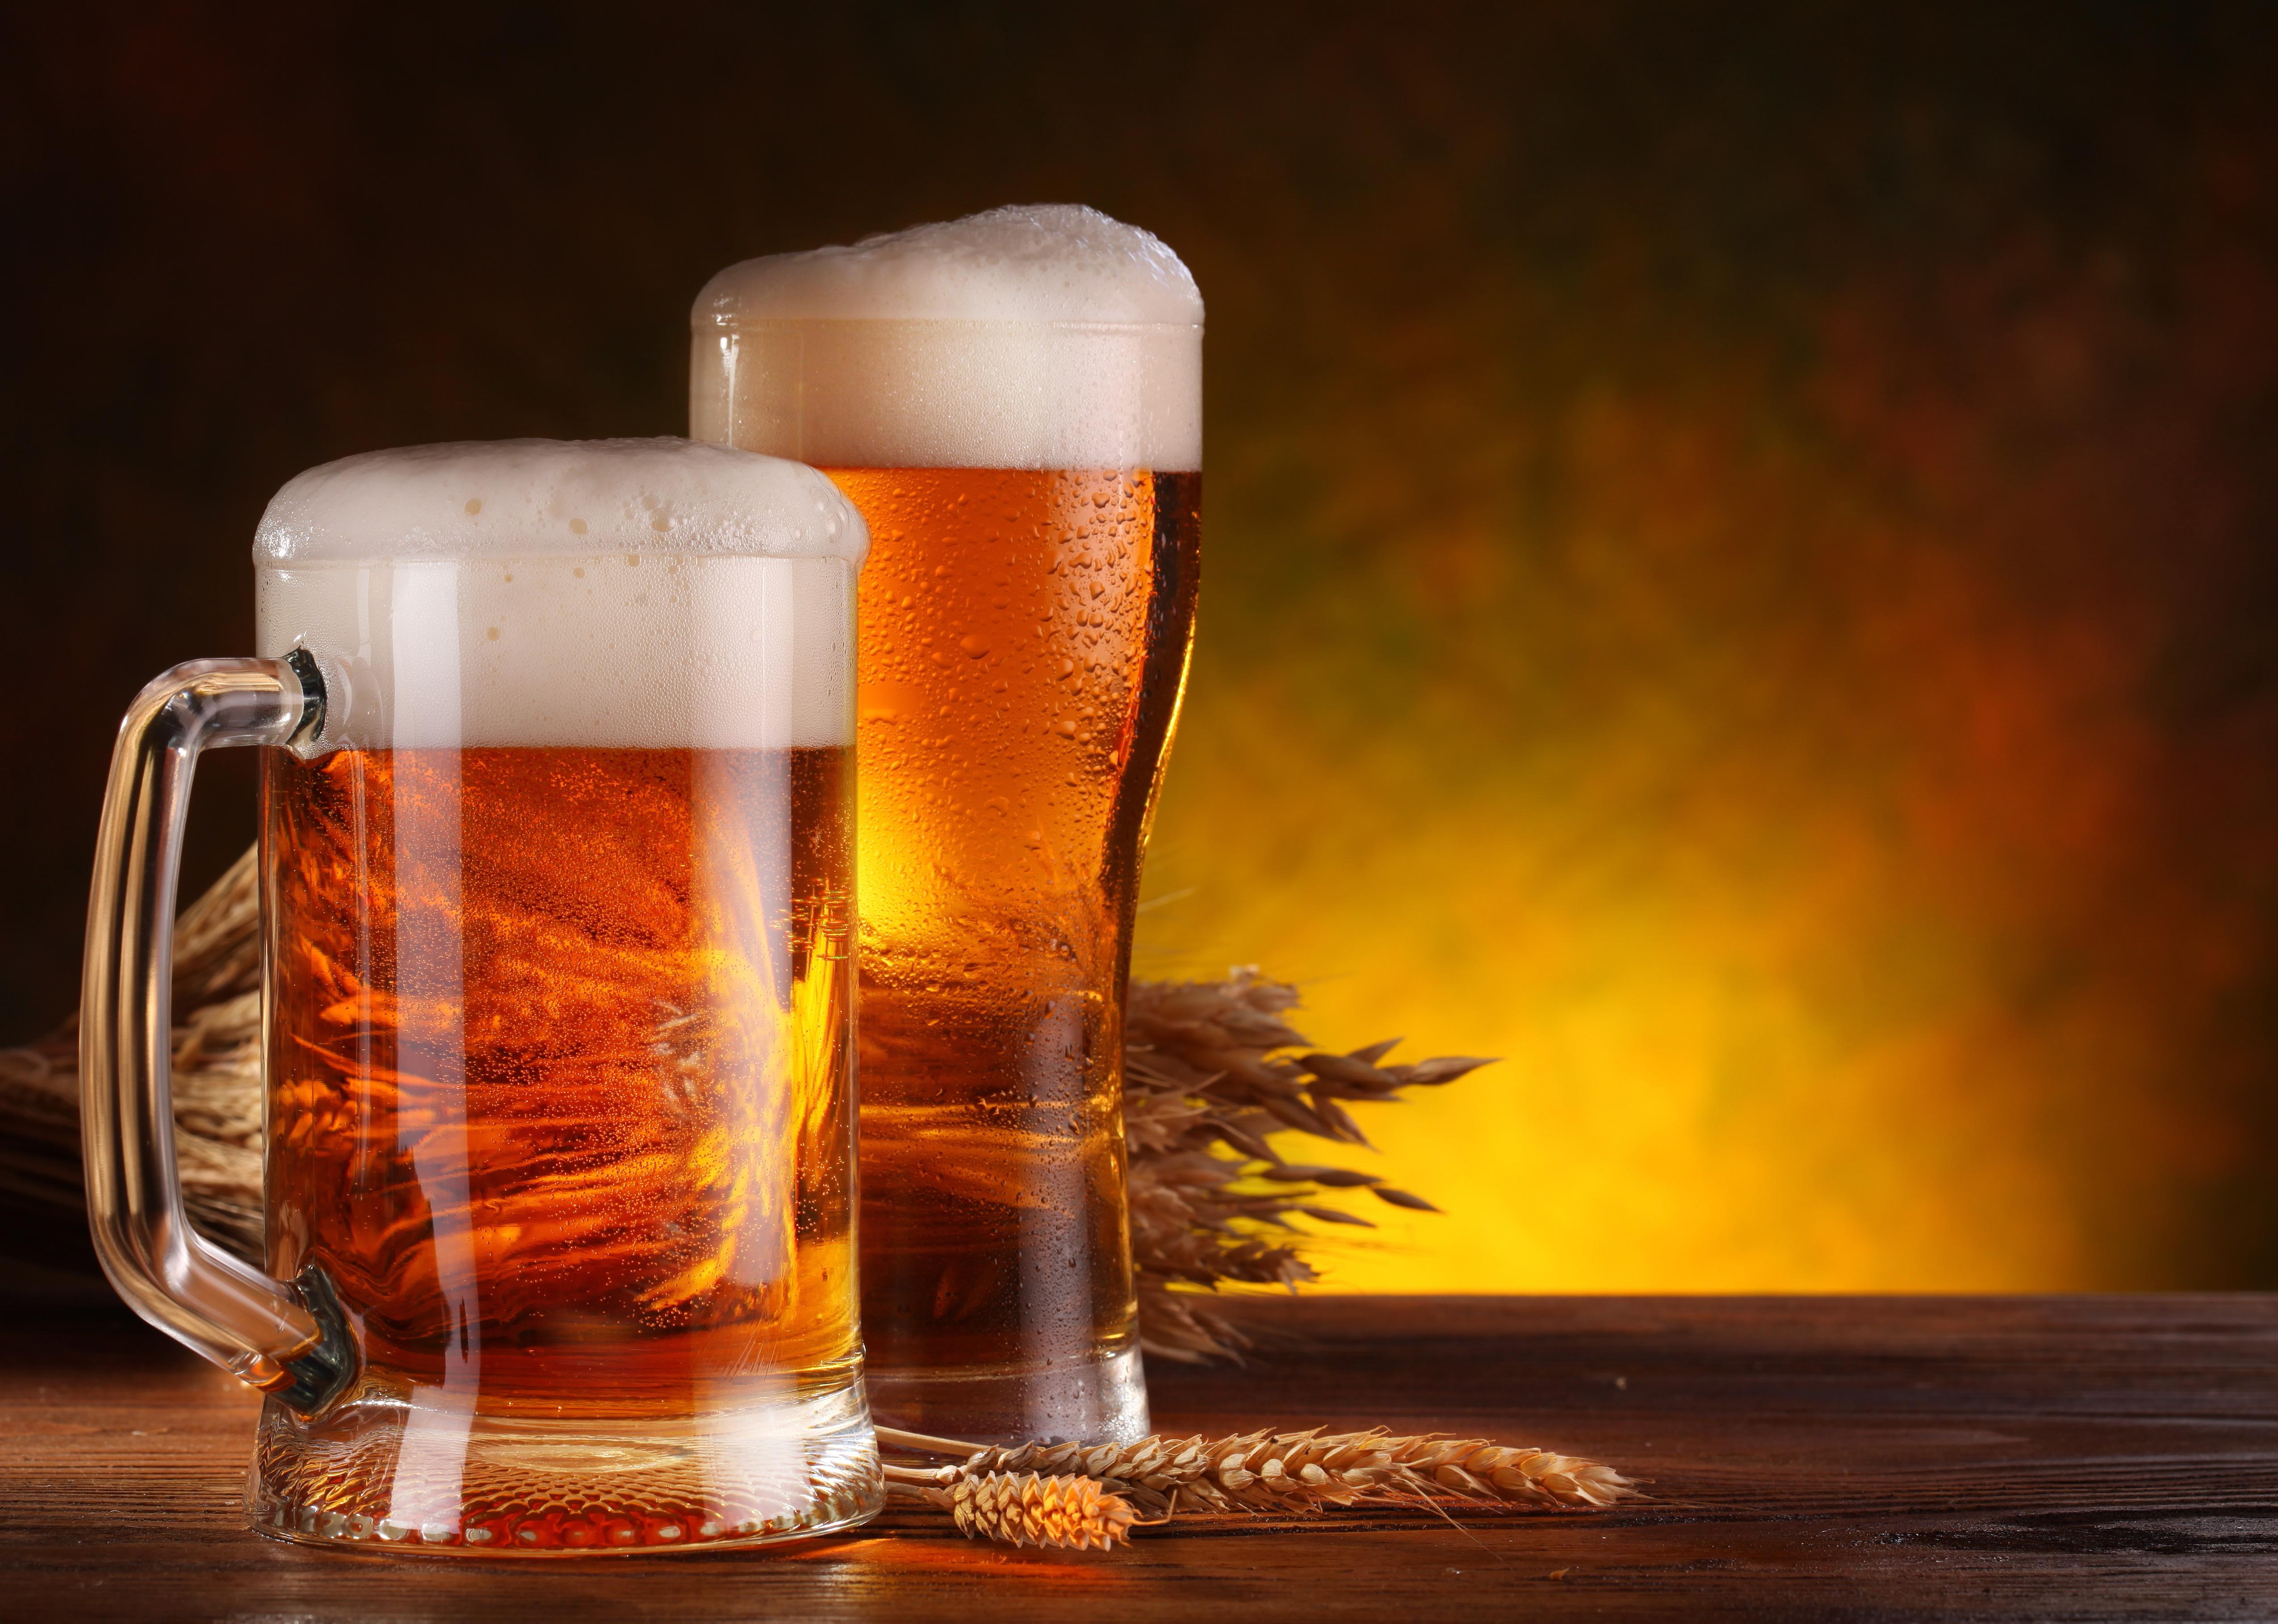 Birra per riscaldare gli appartamenti: metodo innovativo per salvare il pianeta